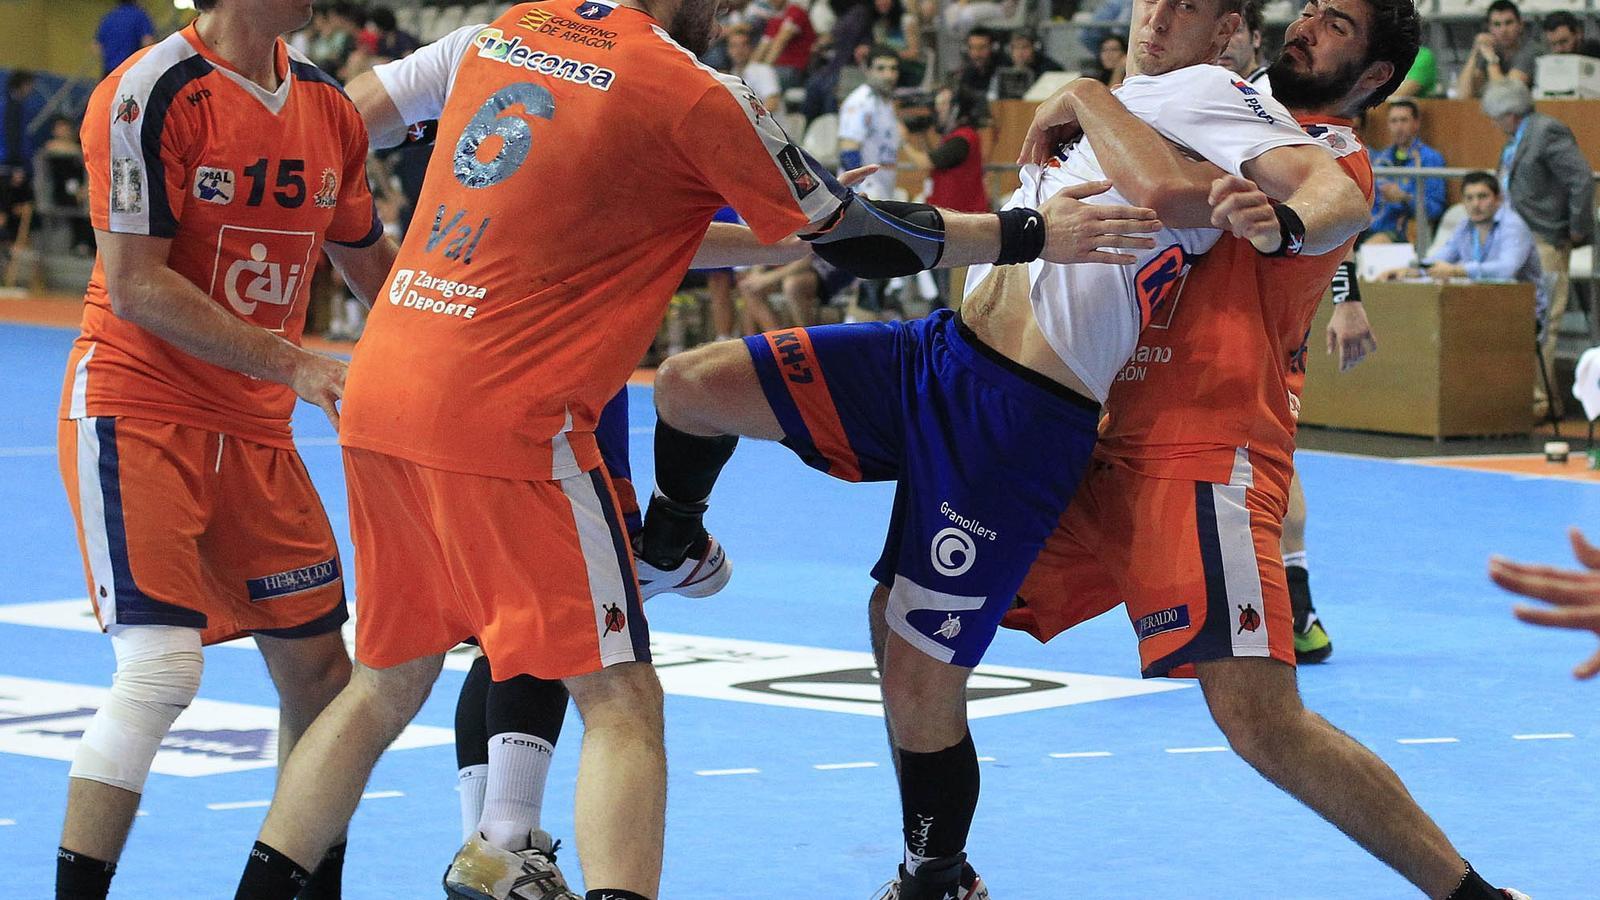 La defensa del CAI Aragó va mirar d'esforçar-se, però el Fraikin Granollers va anotar 40 gols. / EL FARO DE VIGO